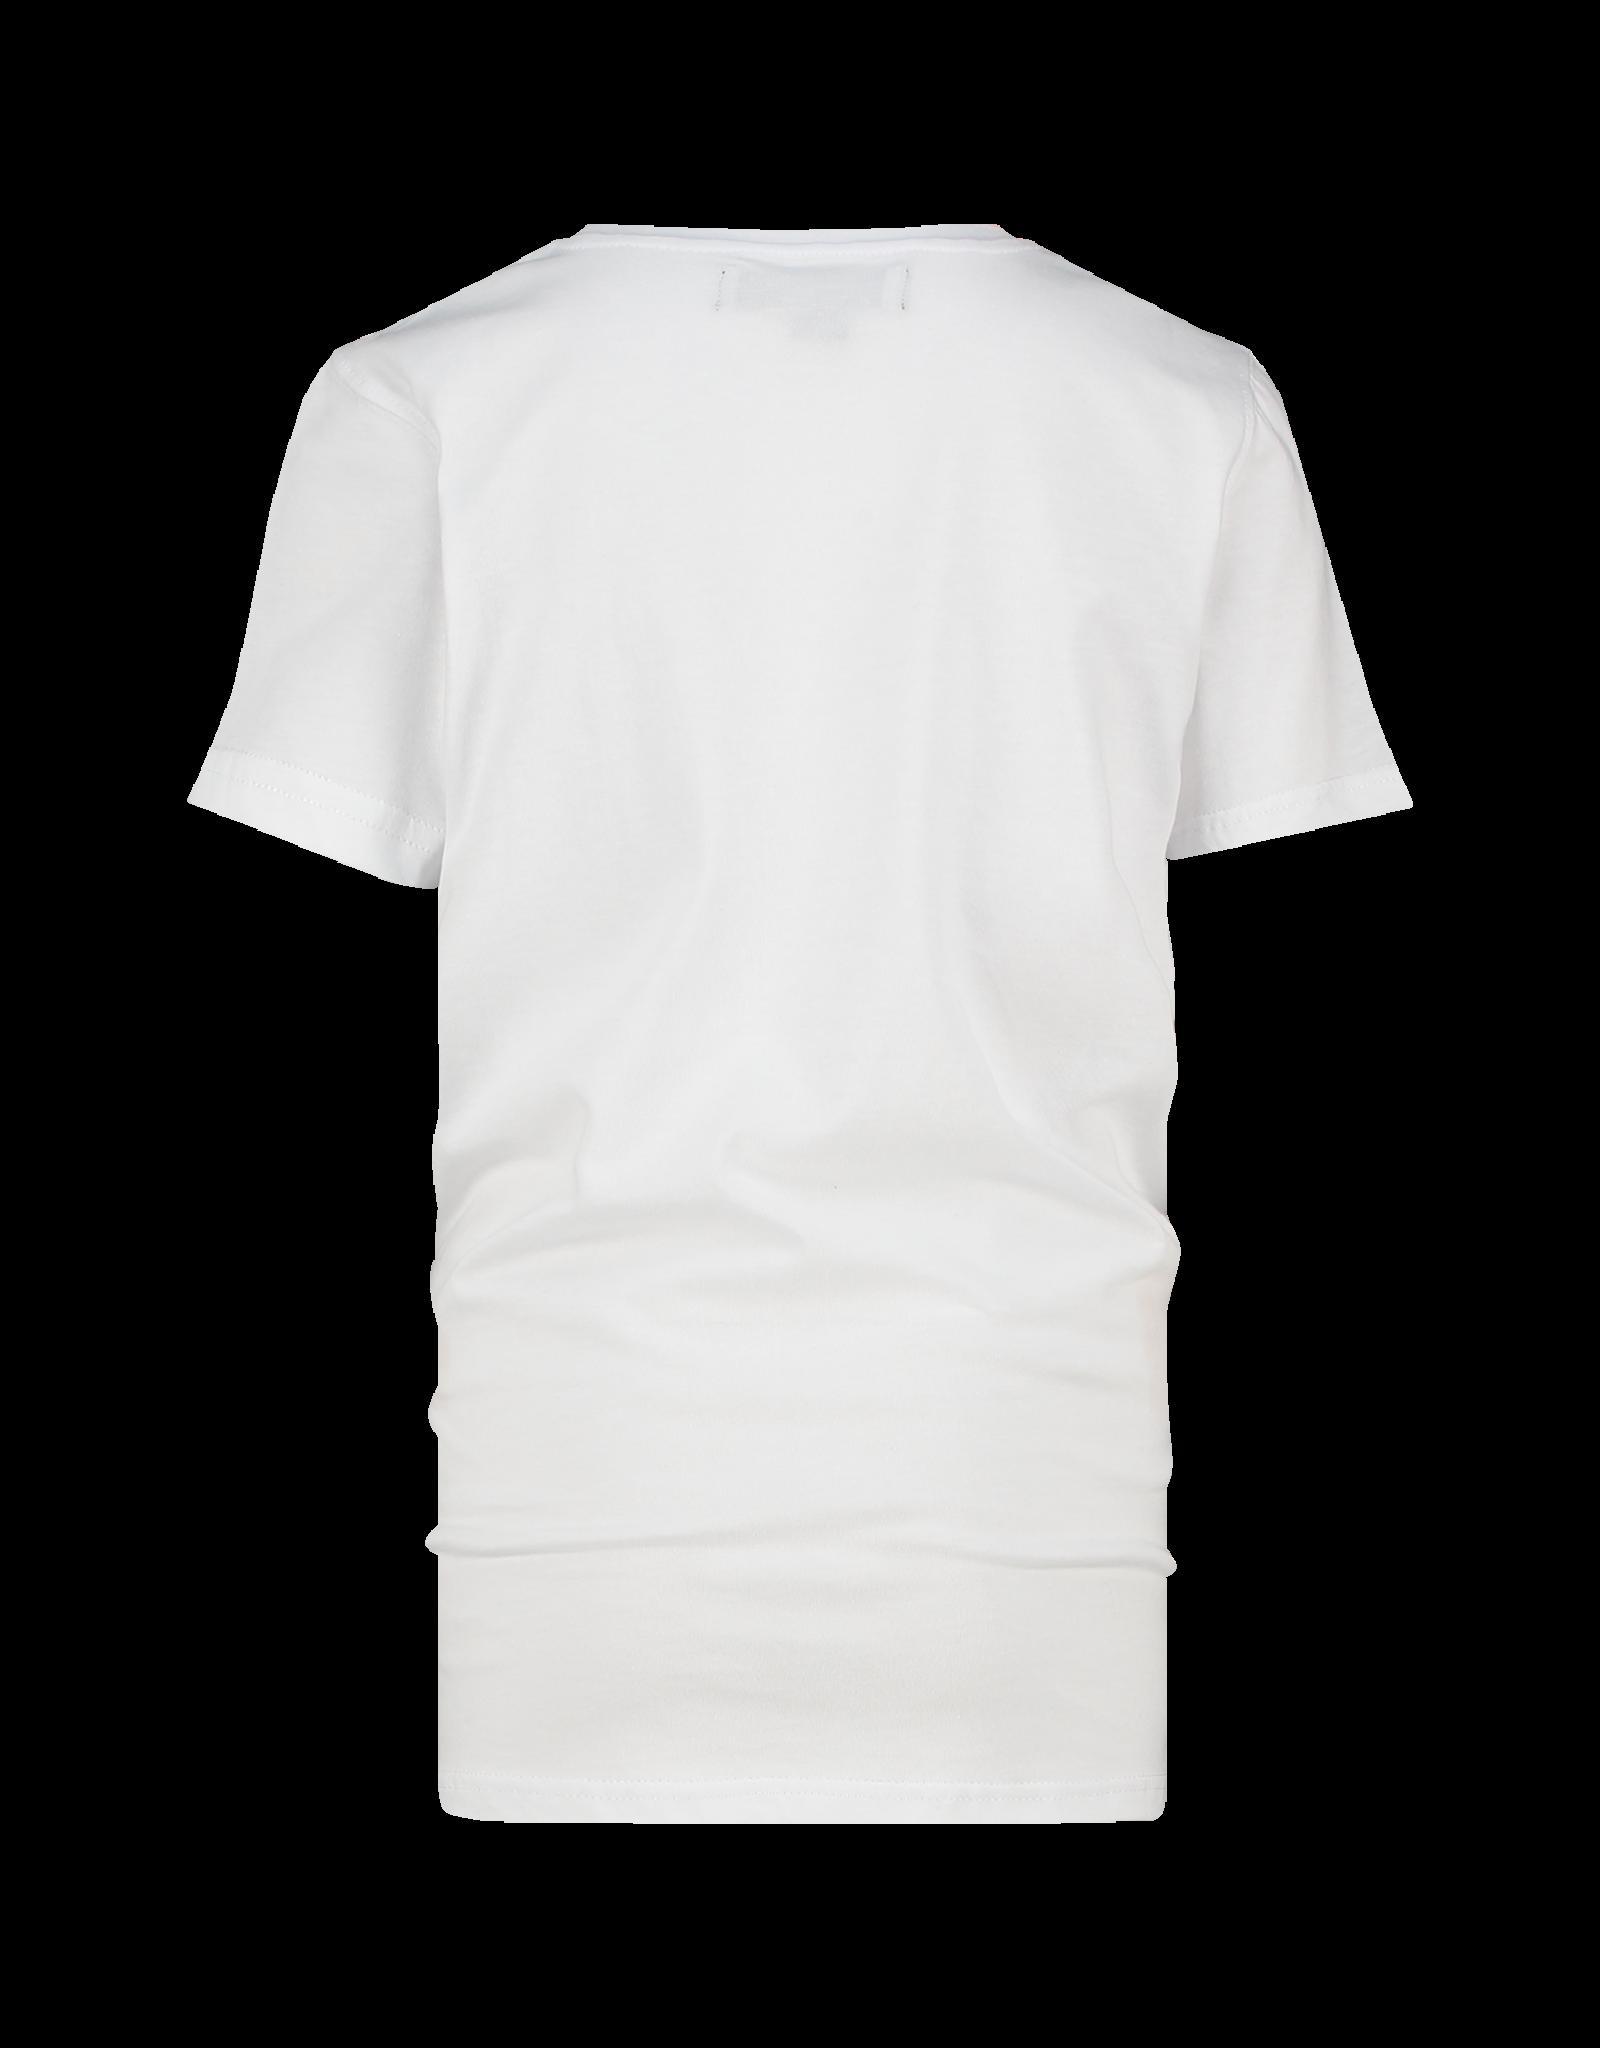 Raizzed Hamilton 001 Real White